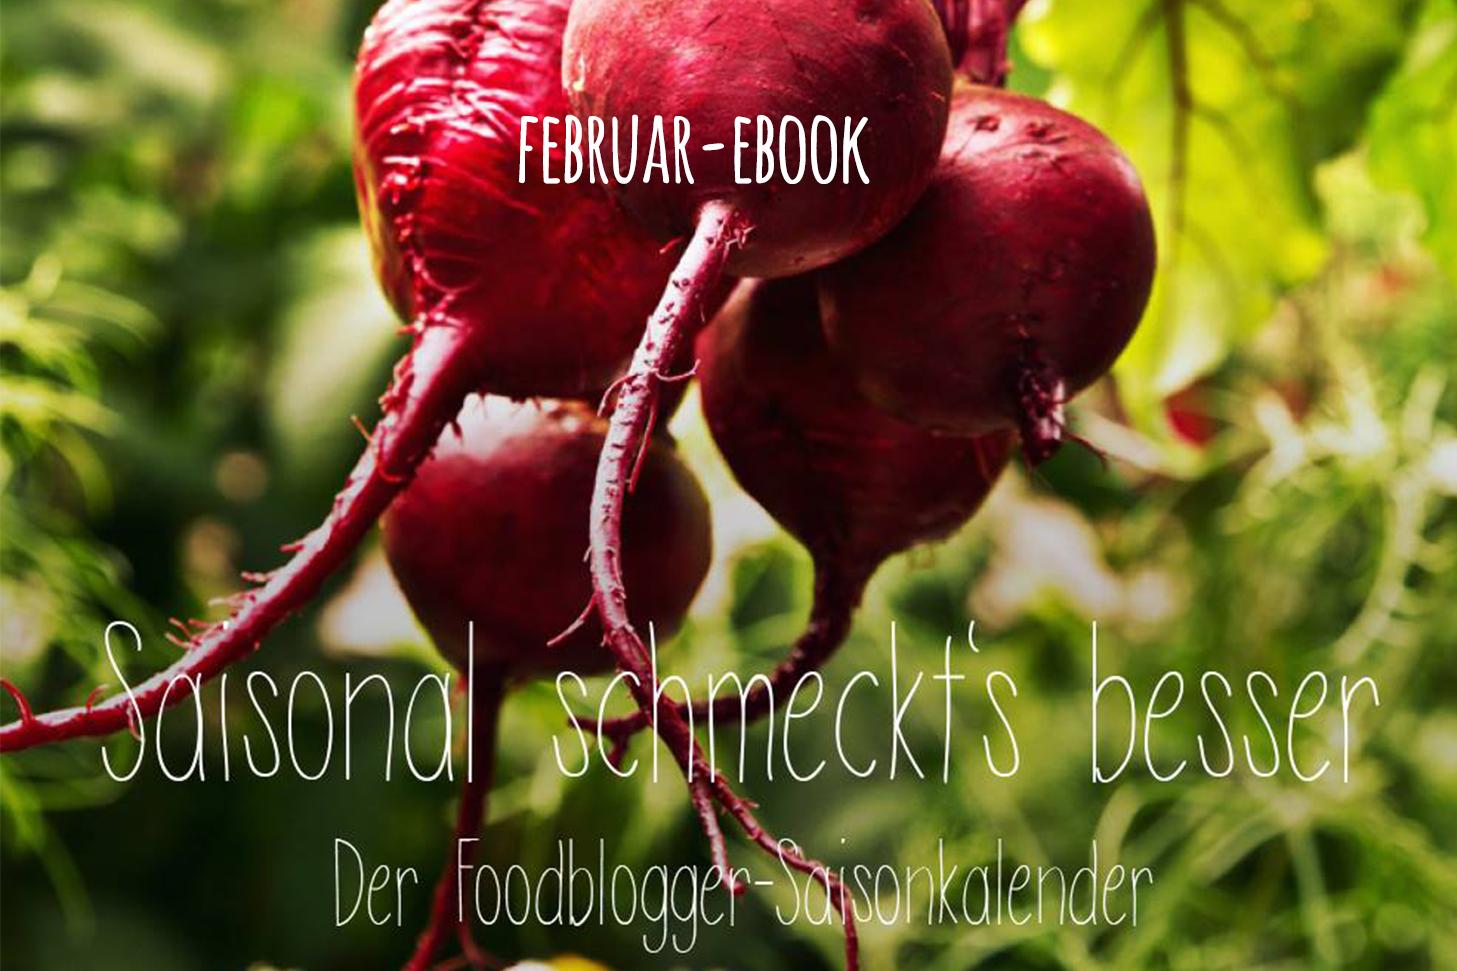 Saisonal schmeckt's besser- Ebook Februar